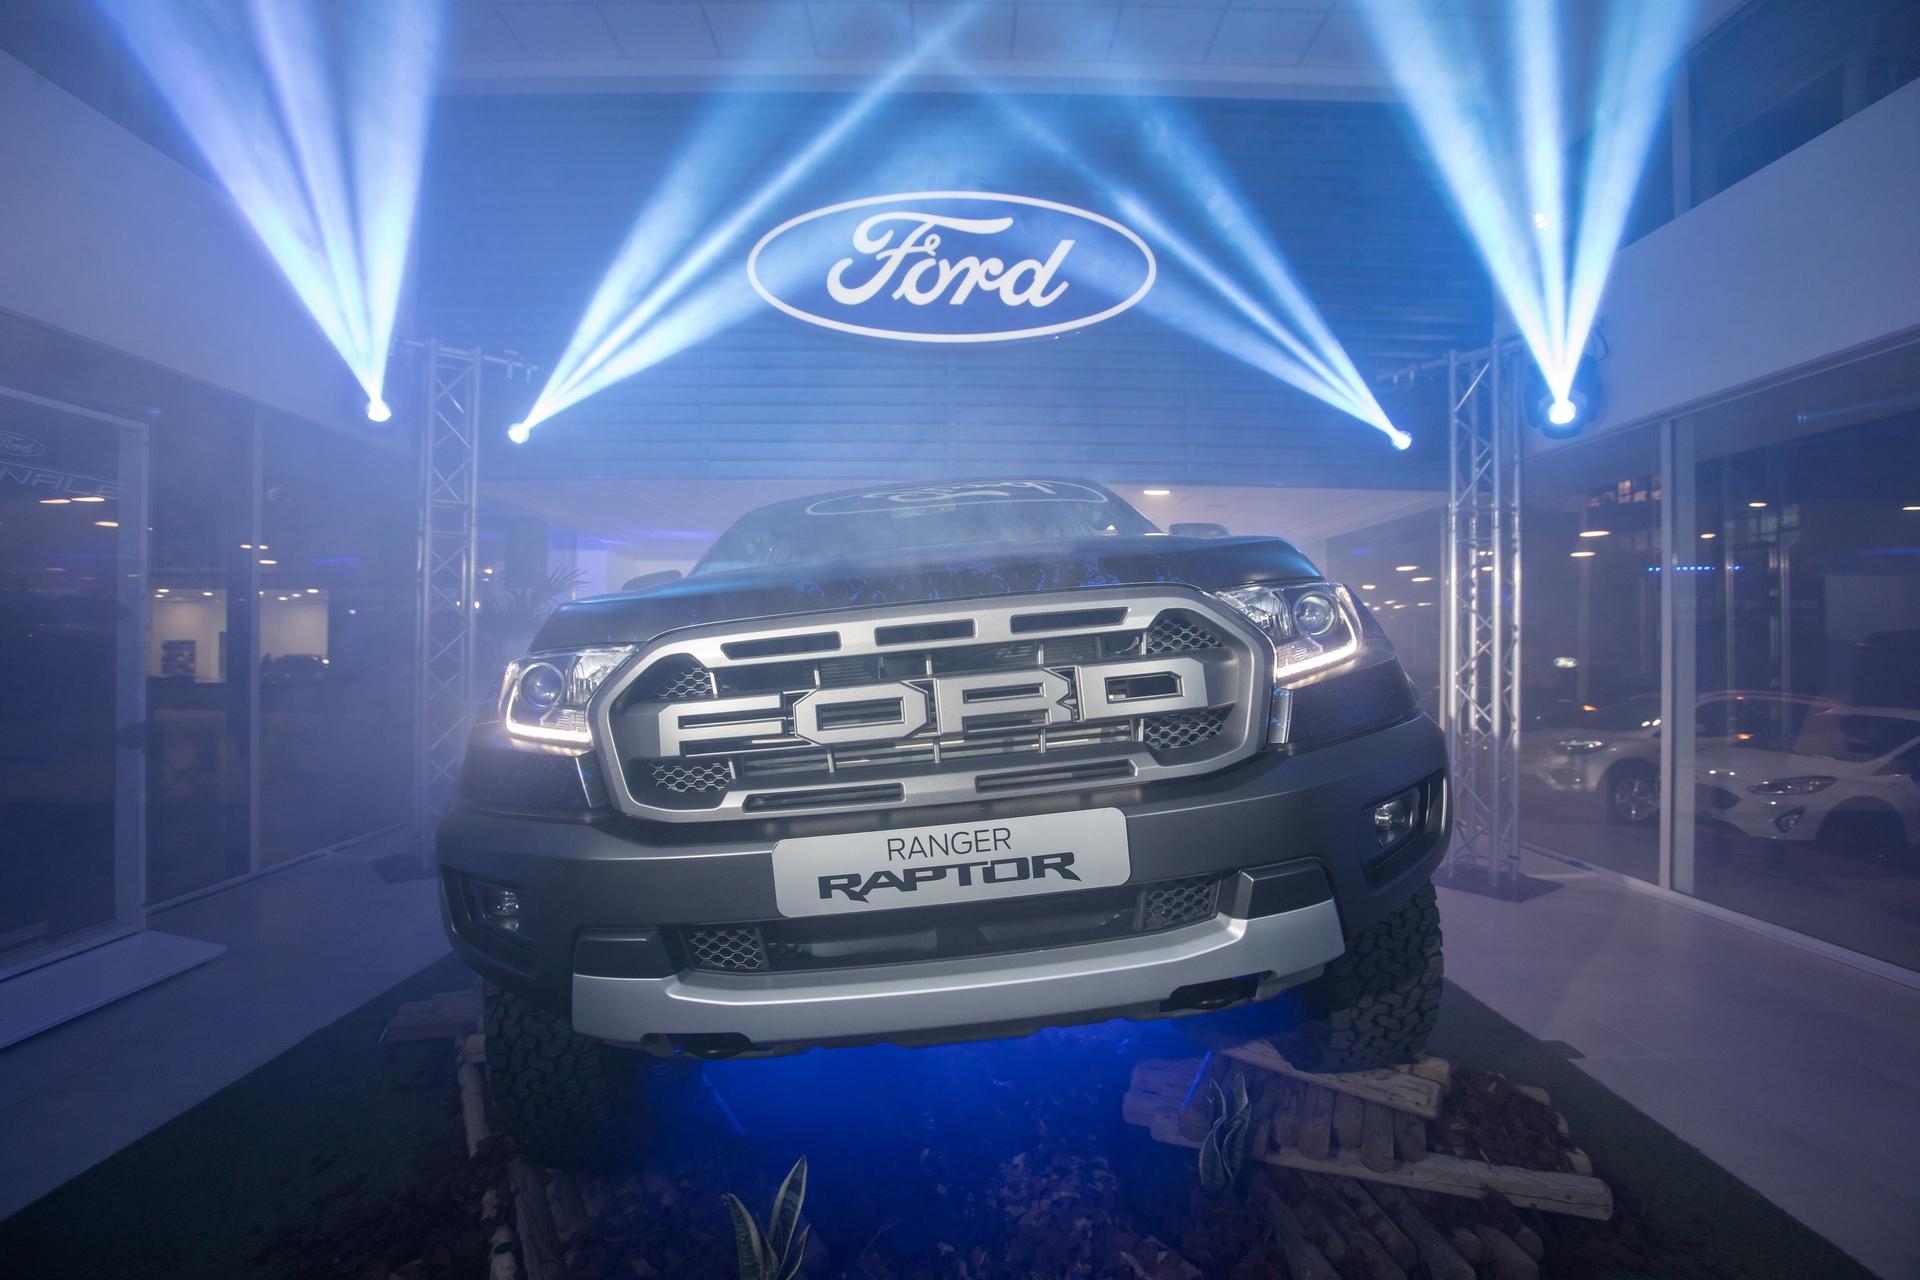 Ford_Ranger_Raptor_greek_resentation_0031